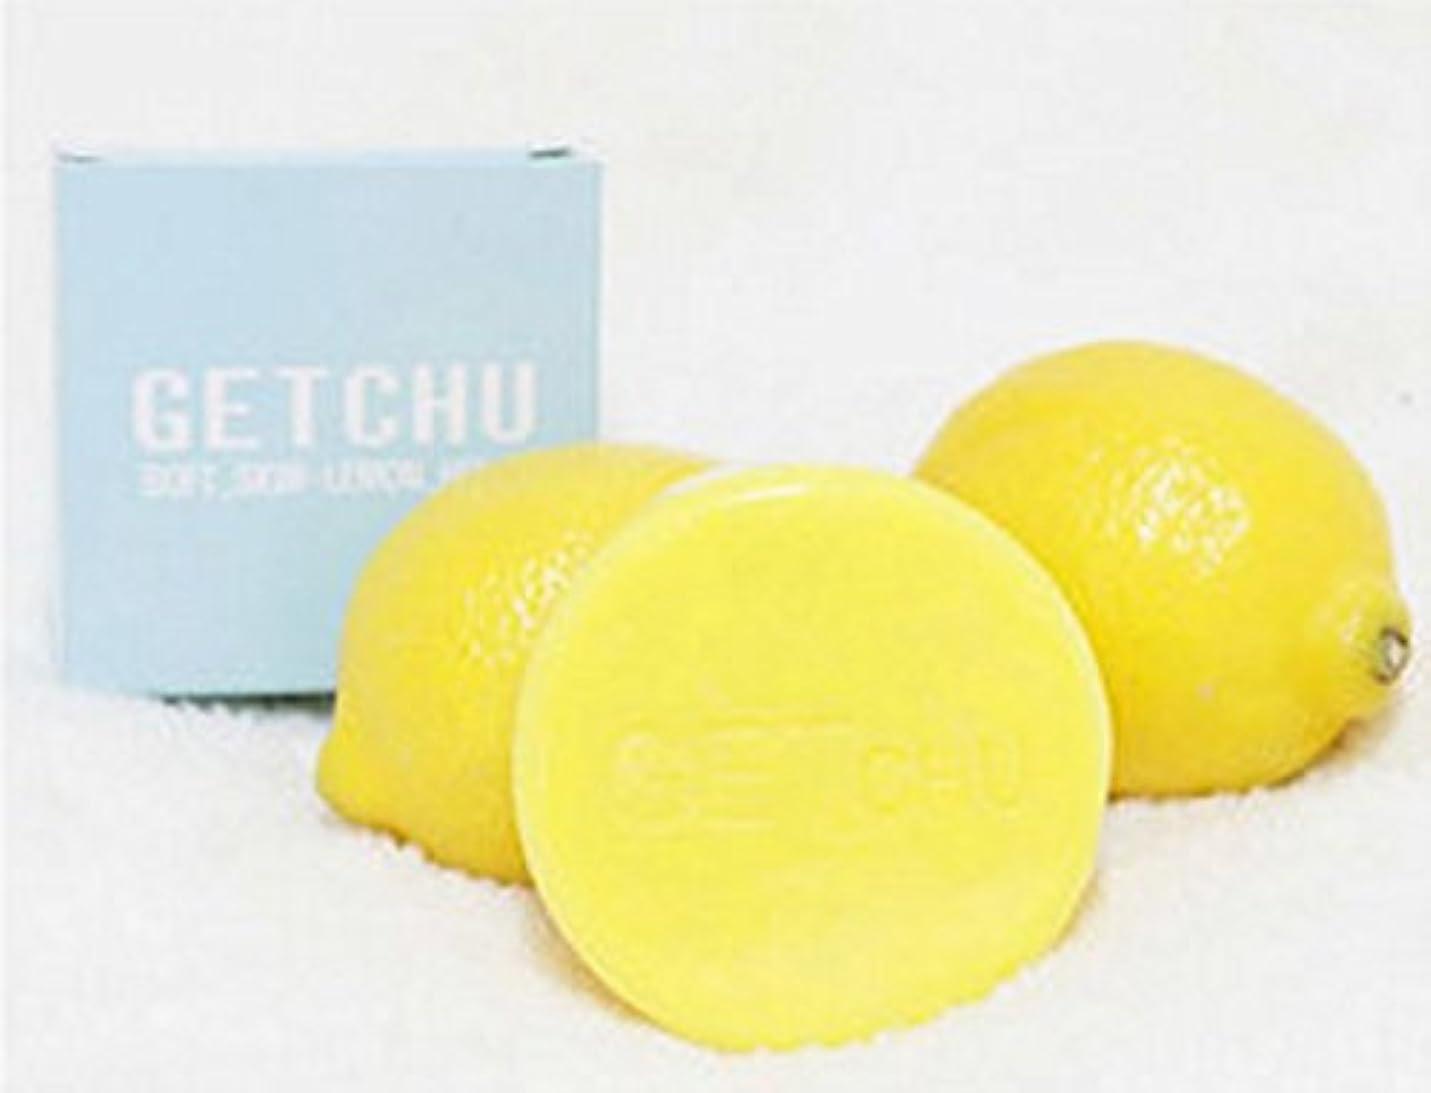 ヘリコプターどうやって狭い[ソフト スキン ] ゲット ズ- (Get Chu) レモンソープ 石鹼 , 美白 泡洗顔料, ユギノン レモンの成分 ホワイトニング効果/ バブル網 贈呈 [海外直送品]